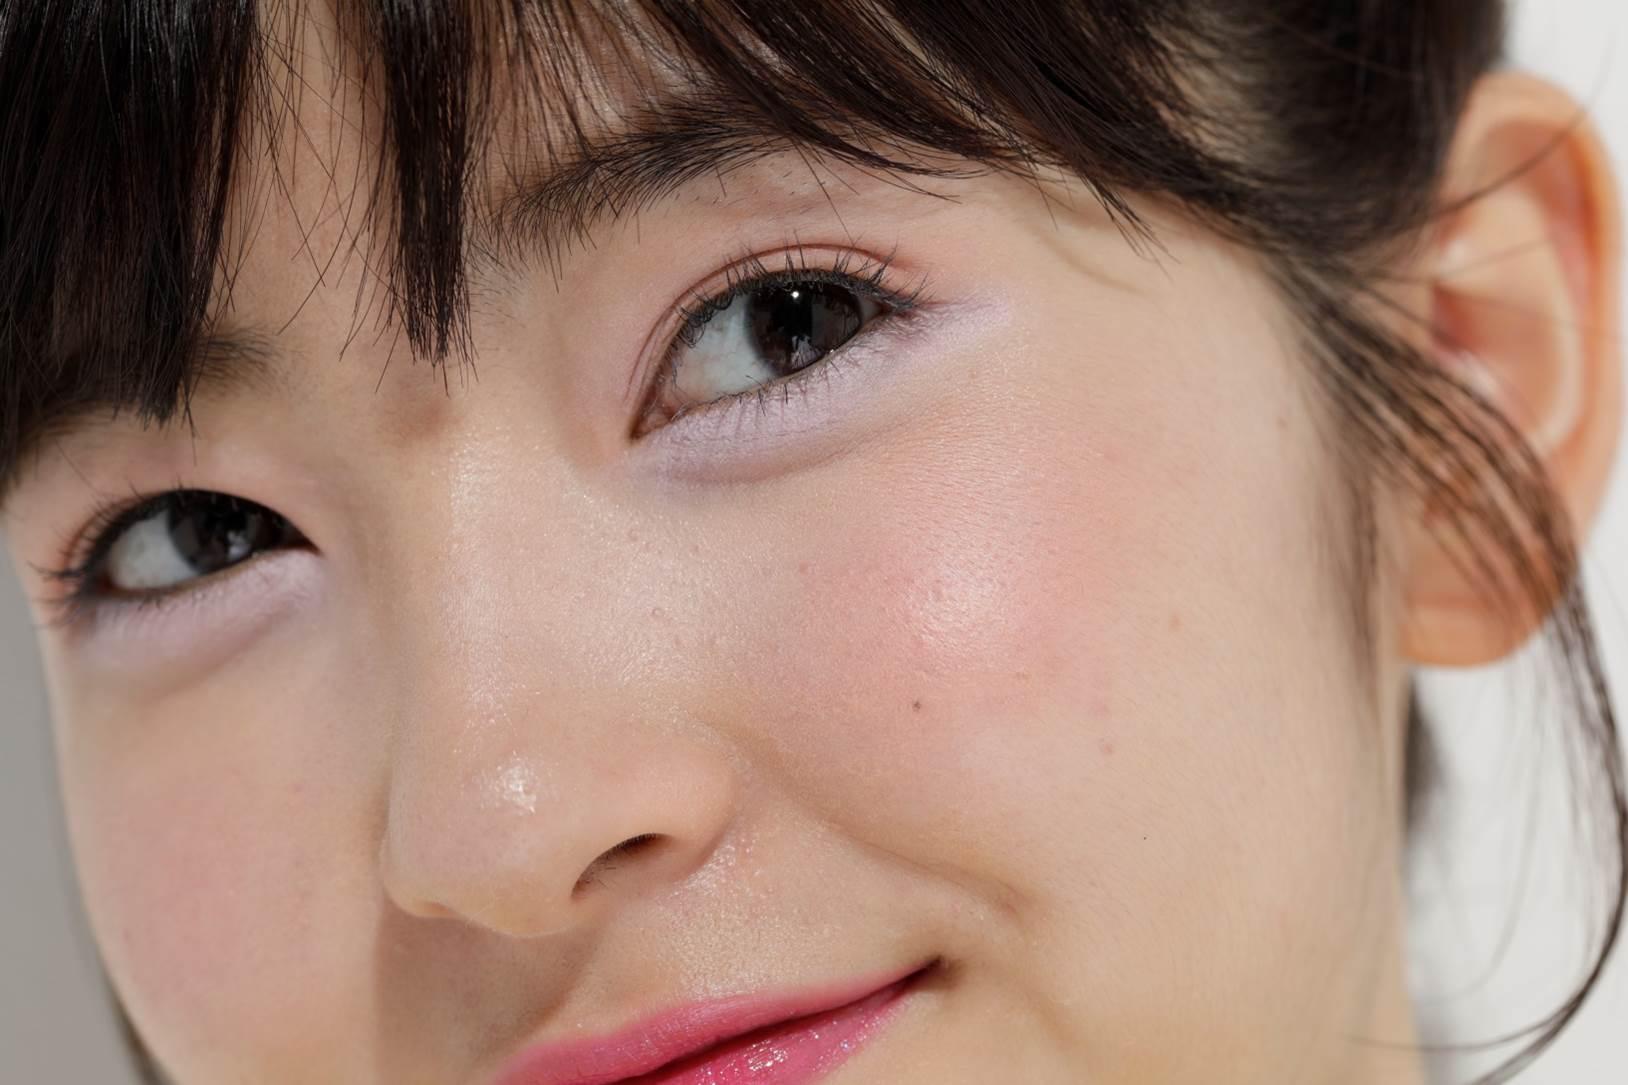 ゆかた kimono yukata how to ヘアメイク12